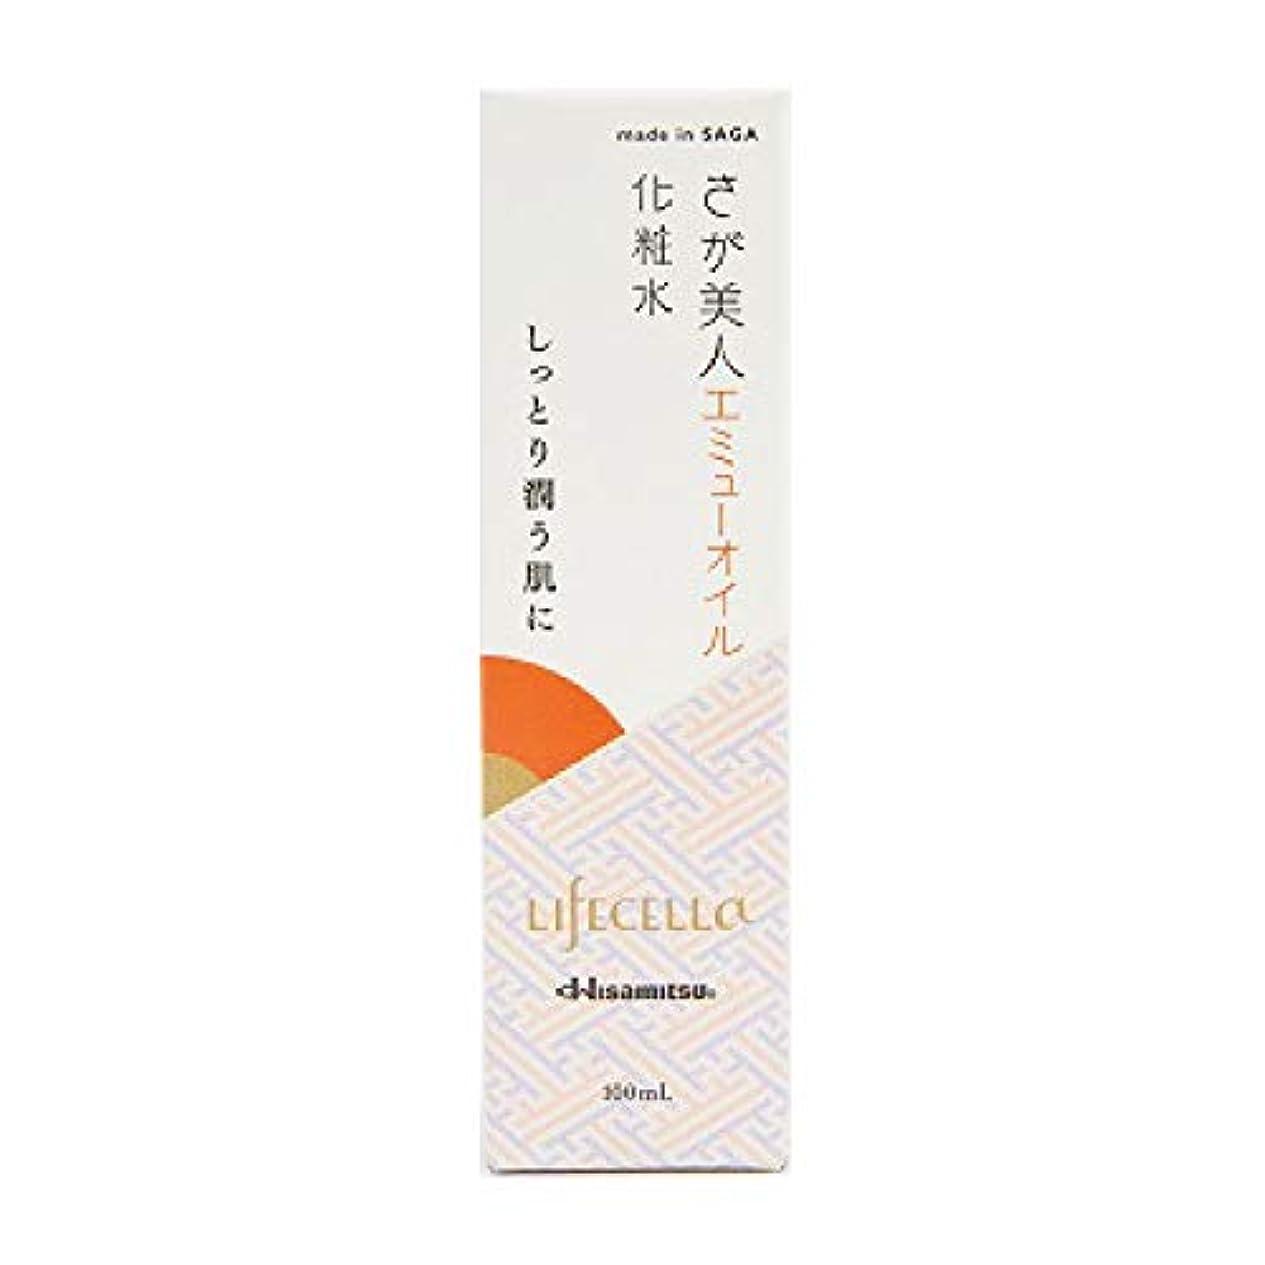 アグネスグレイ悲惨な味わうさが美人 化粧水 (エミュー) 久光製薬 ご当地 コスメ 保湿